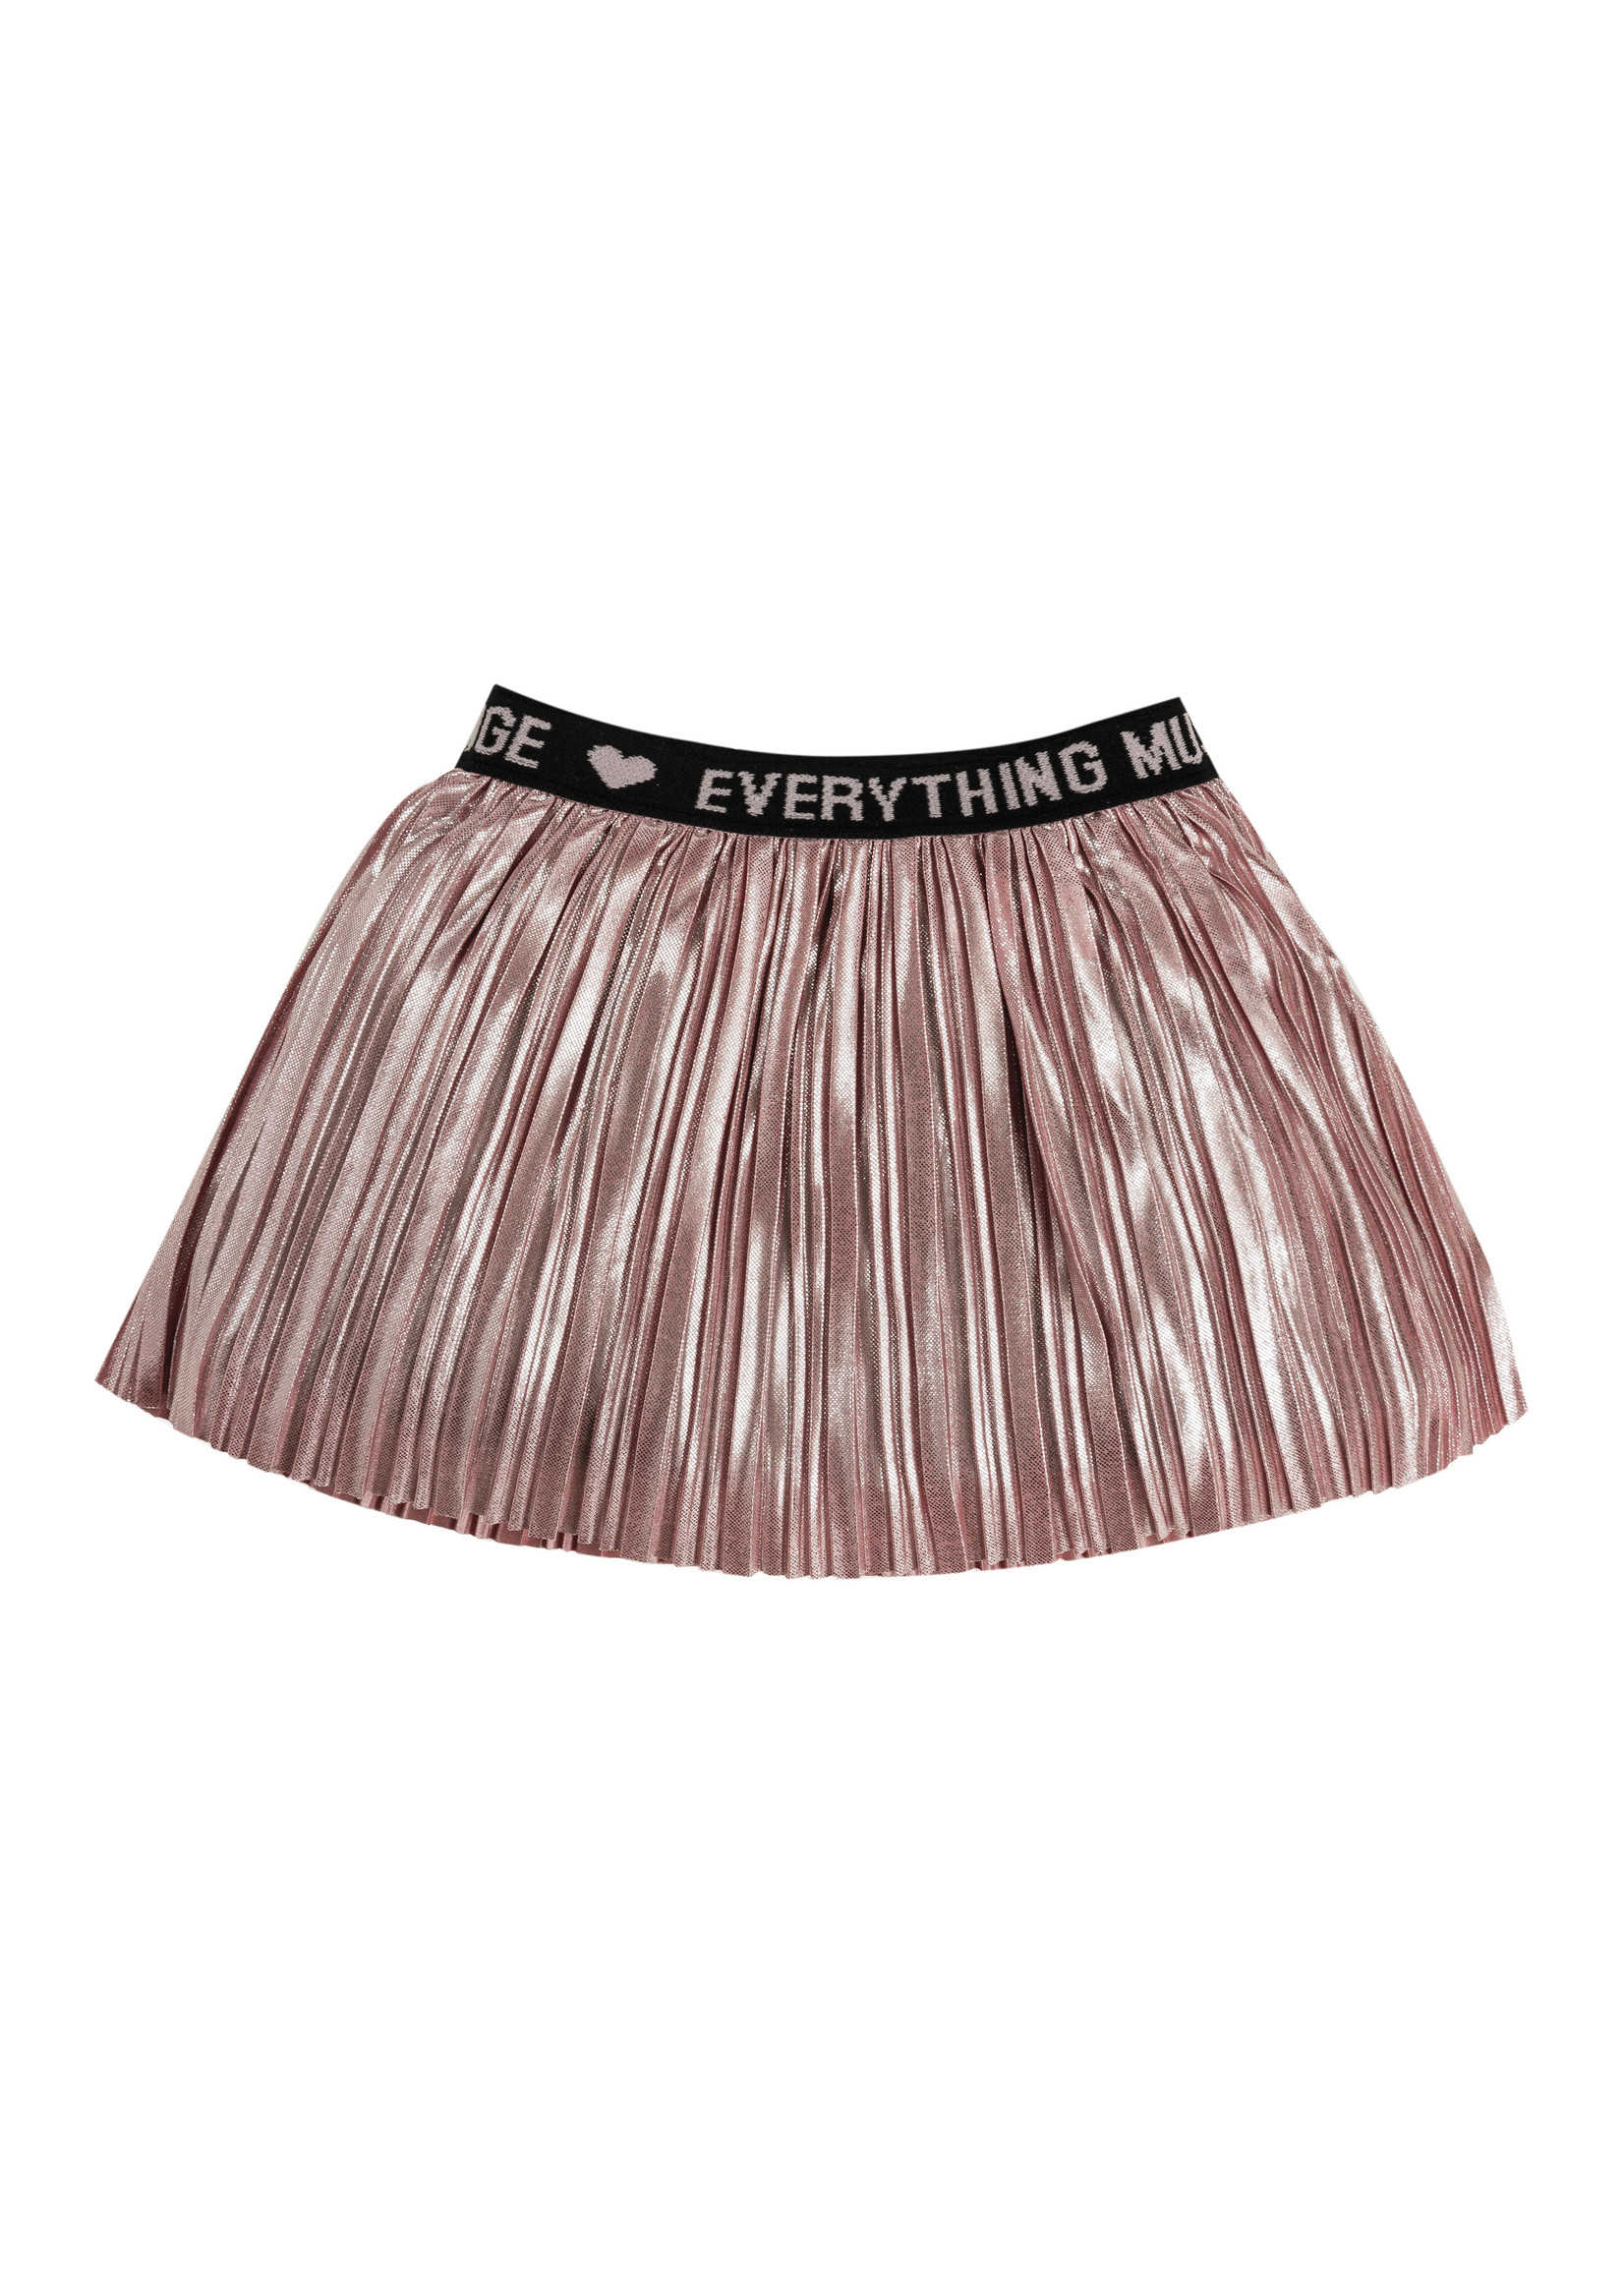 EMC EMC pleated skirt pink